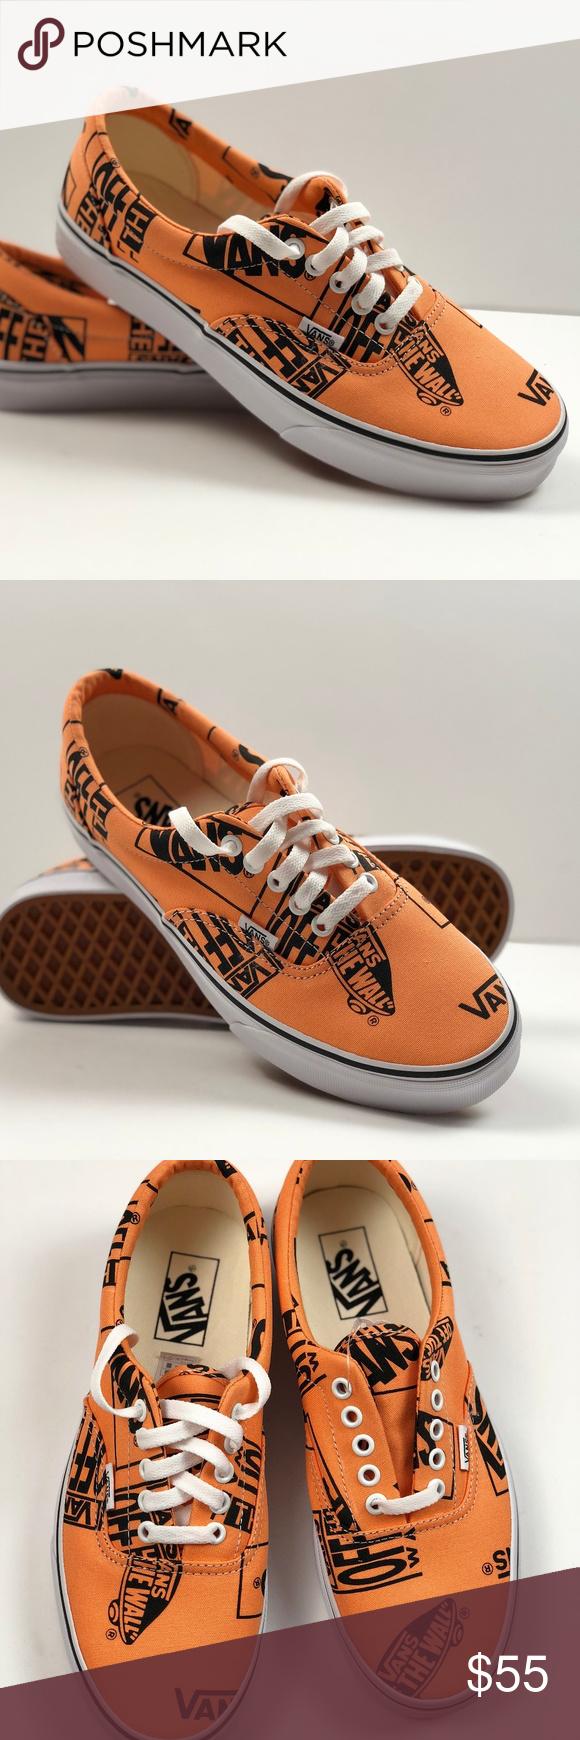 4c5203bab864 Vans Era Logo Mix Tangerine Black Sneakers. Vans Era Logo Mix Tangerine  Black